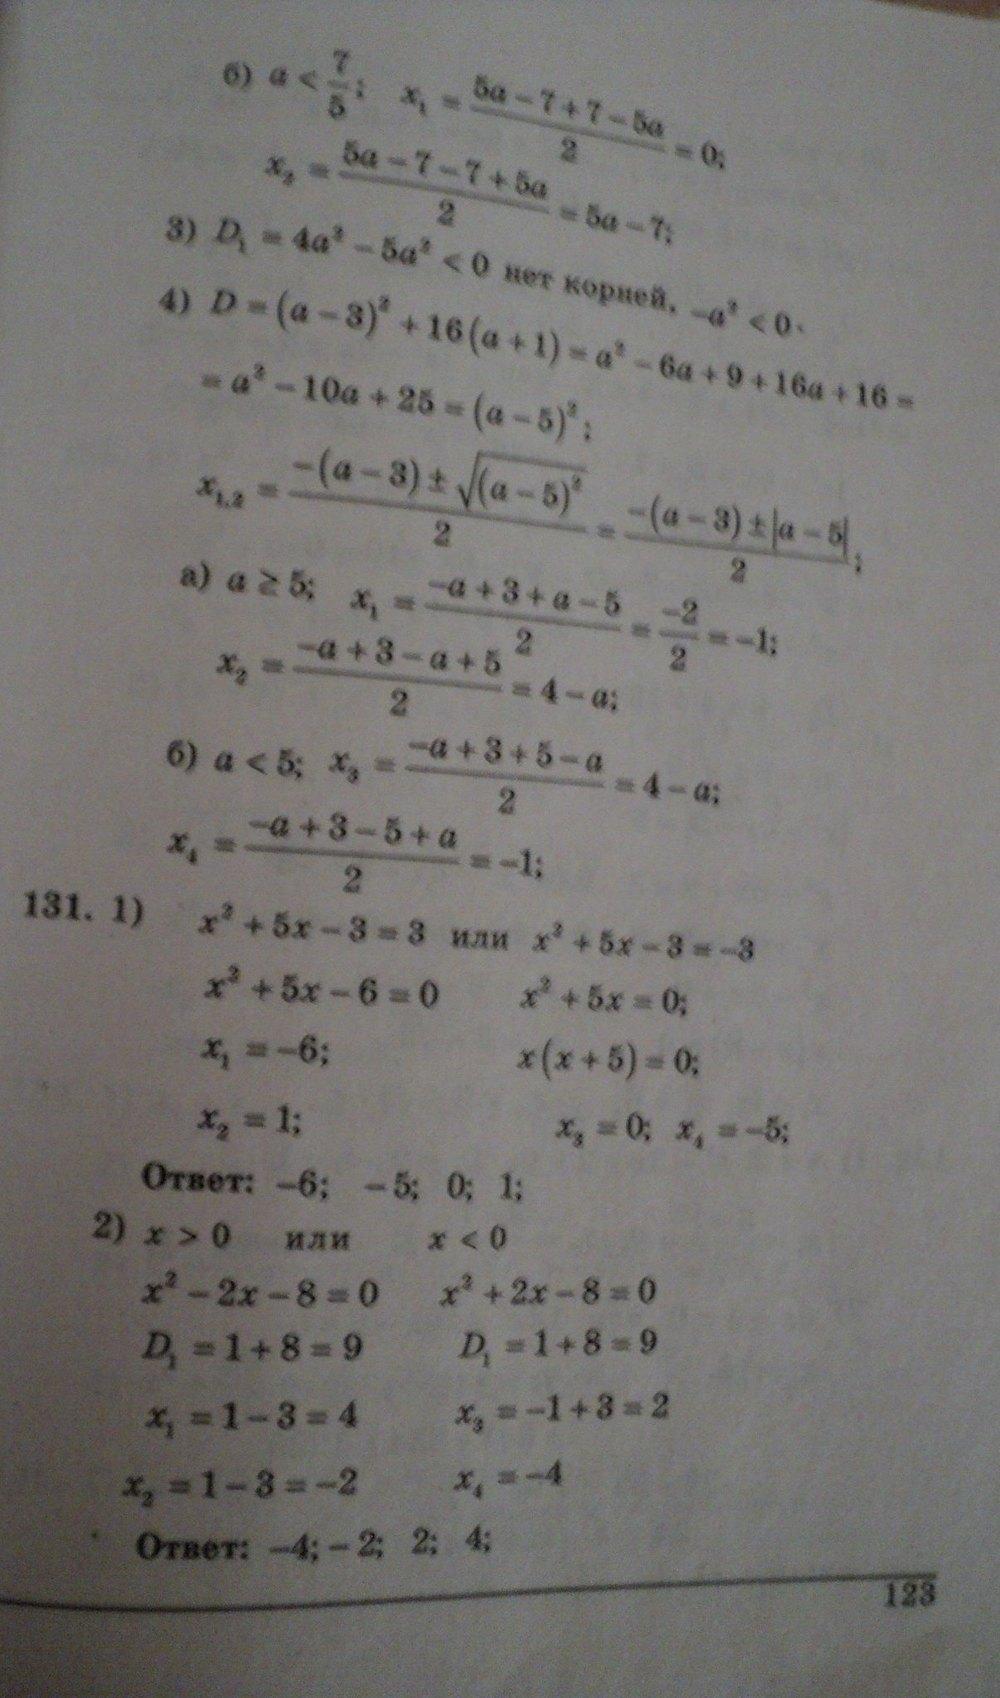 ГДЗ по алгебре 8 класс Щербань П.. Задание: стр. 123